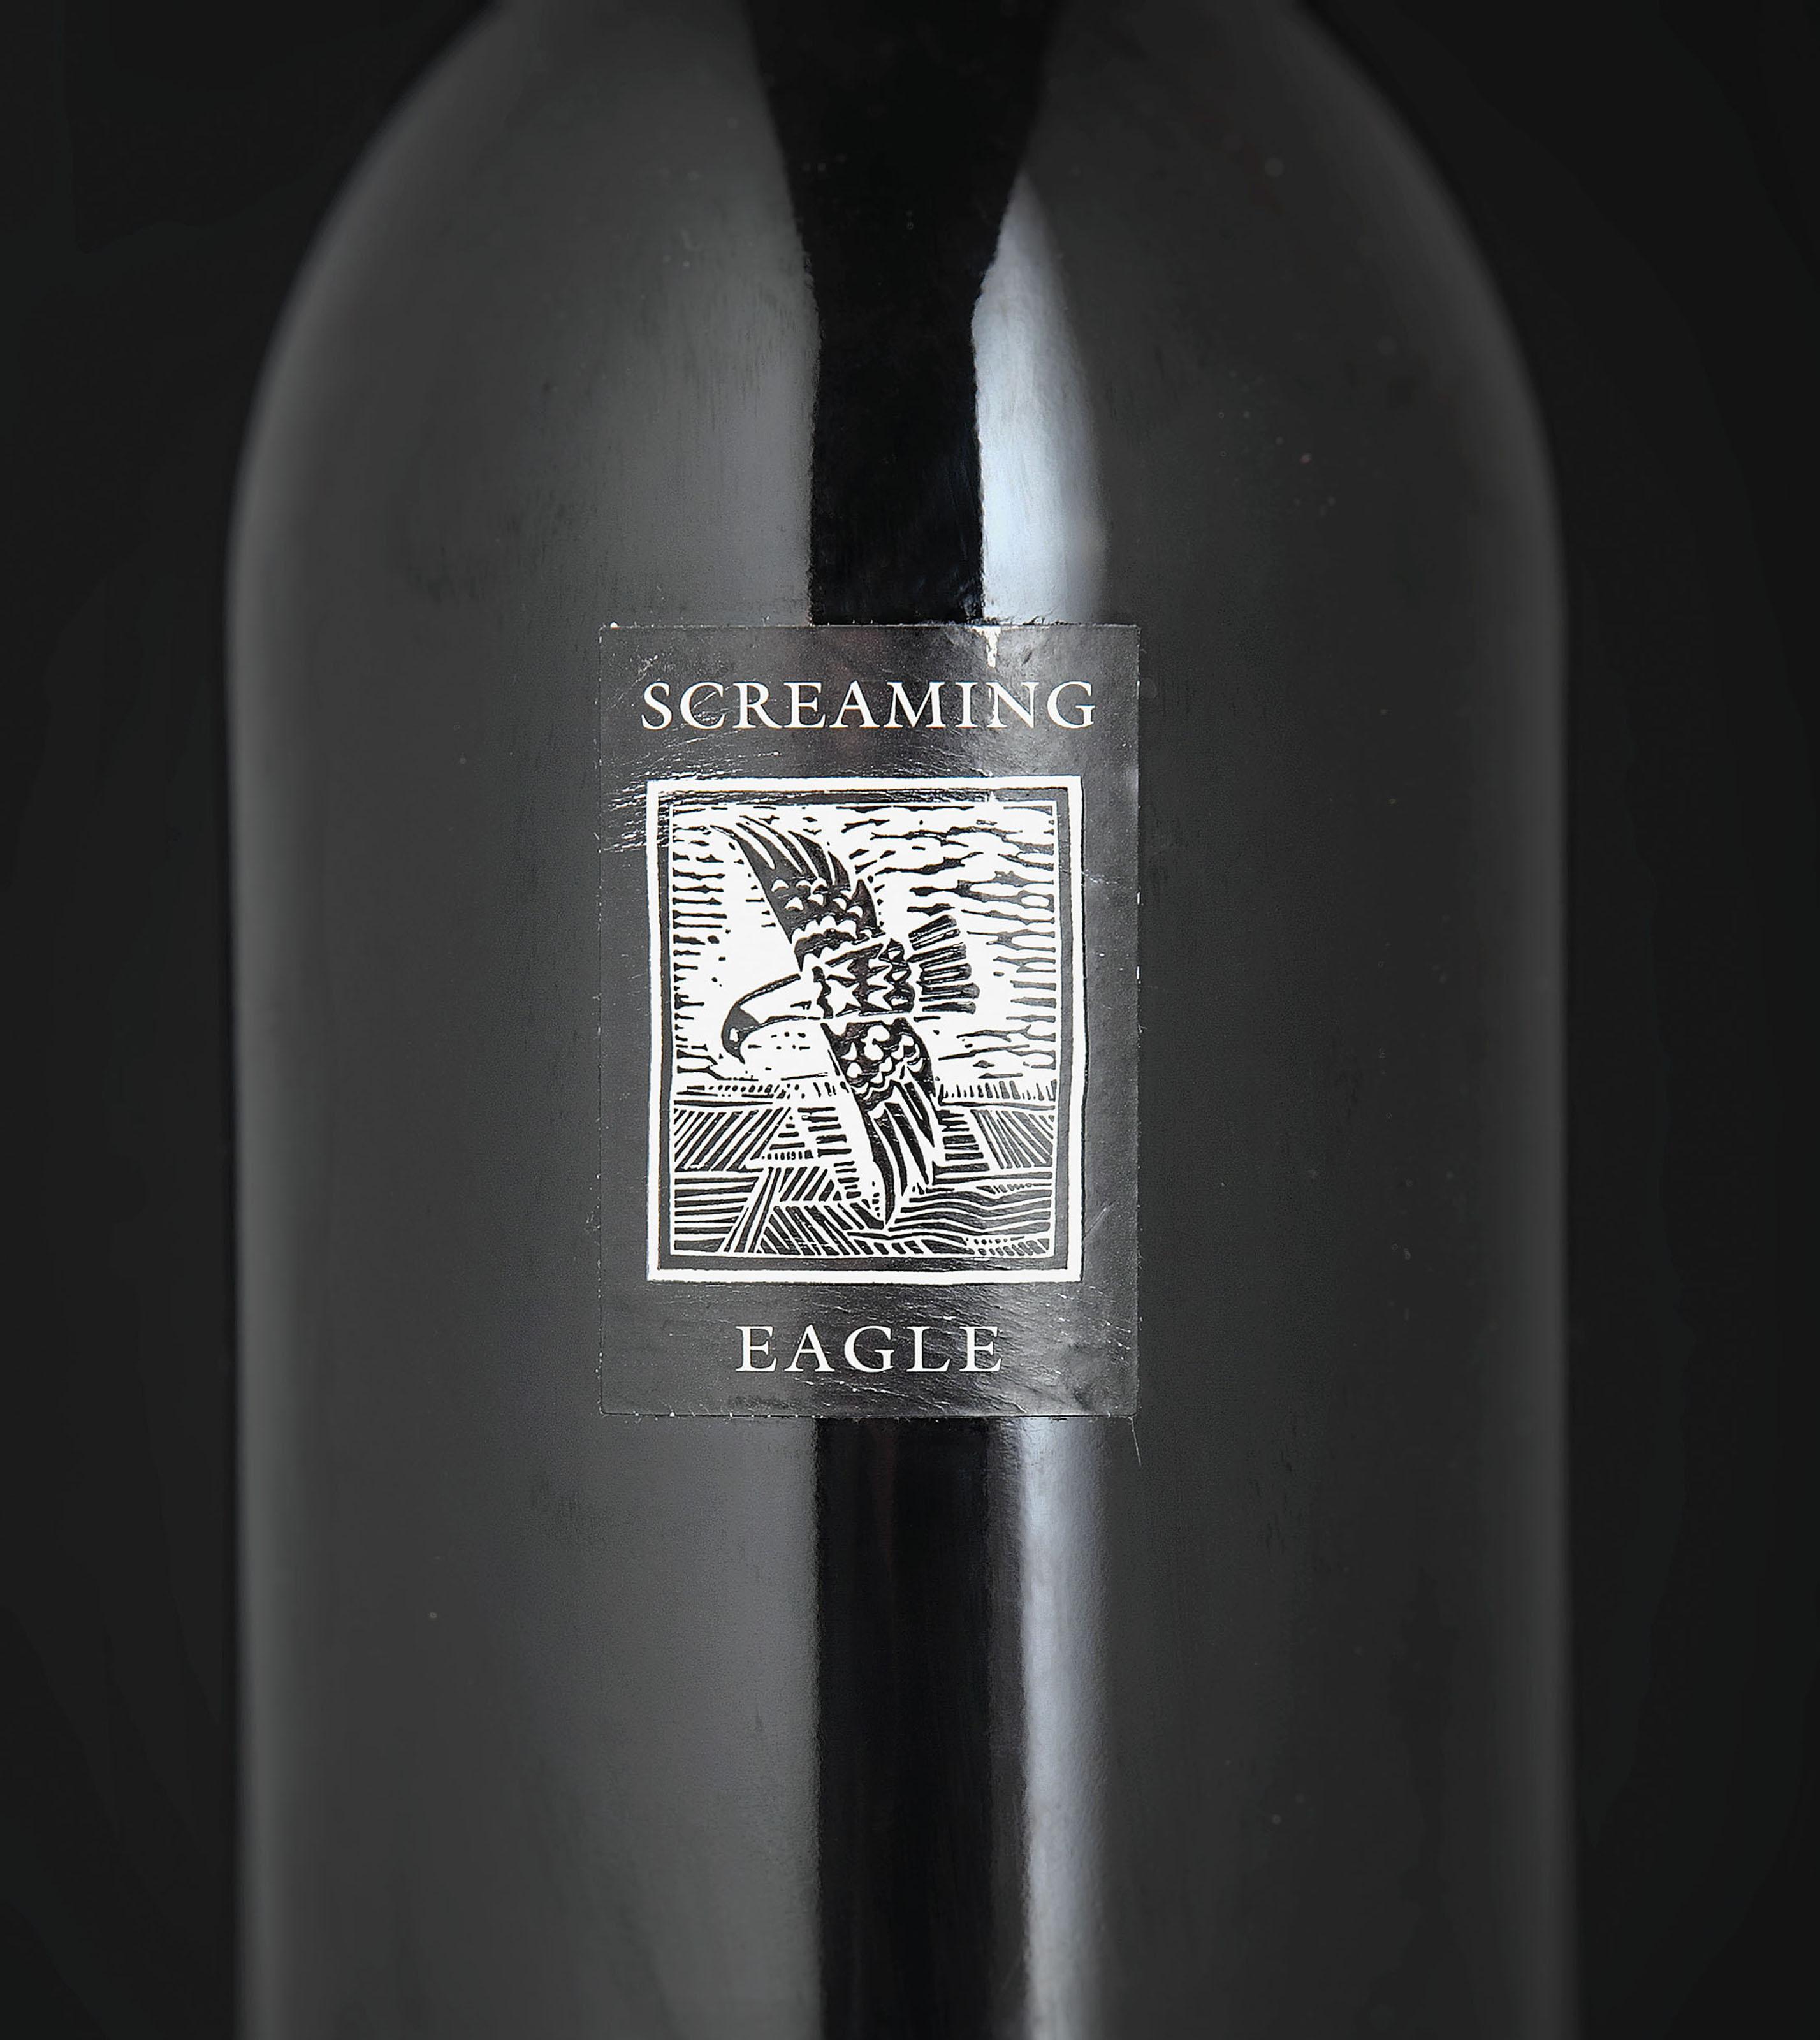 Screaming Eagle 1992